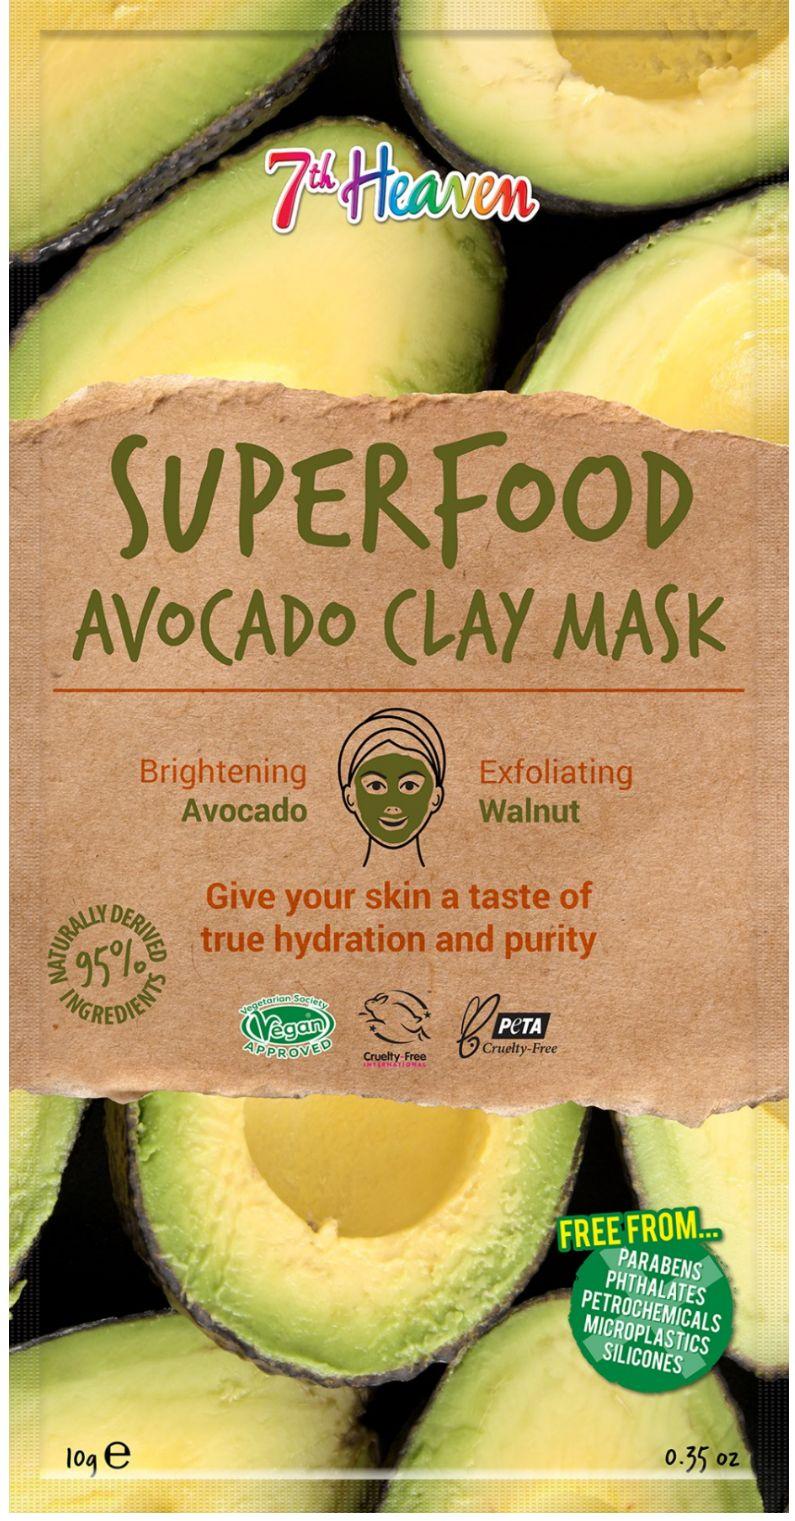 superfood mask, maszk, 7th heaven, áfonya, kannabisz, matcha, avokádó, chia, vegán, agyagpakolás, lehúzható, pakolás, mask, rúzs és más,